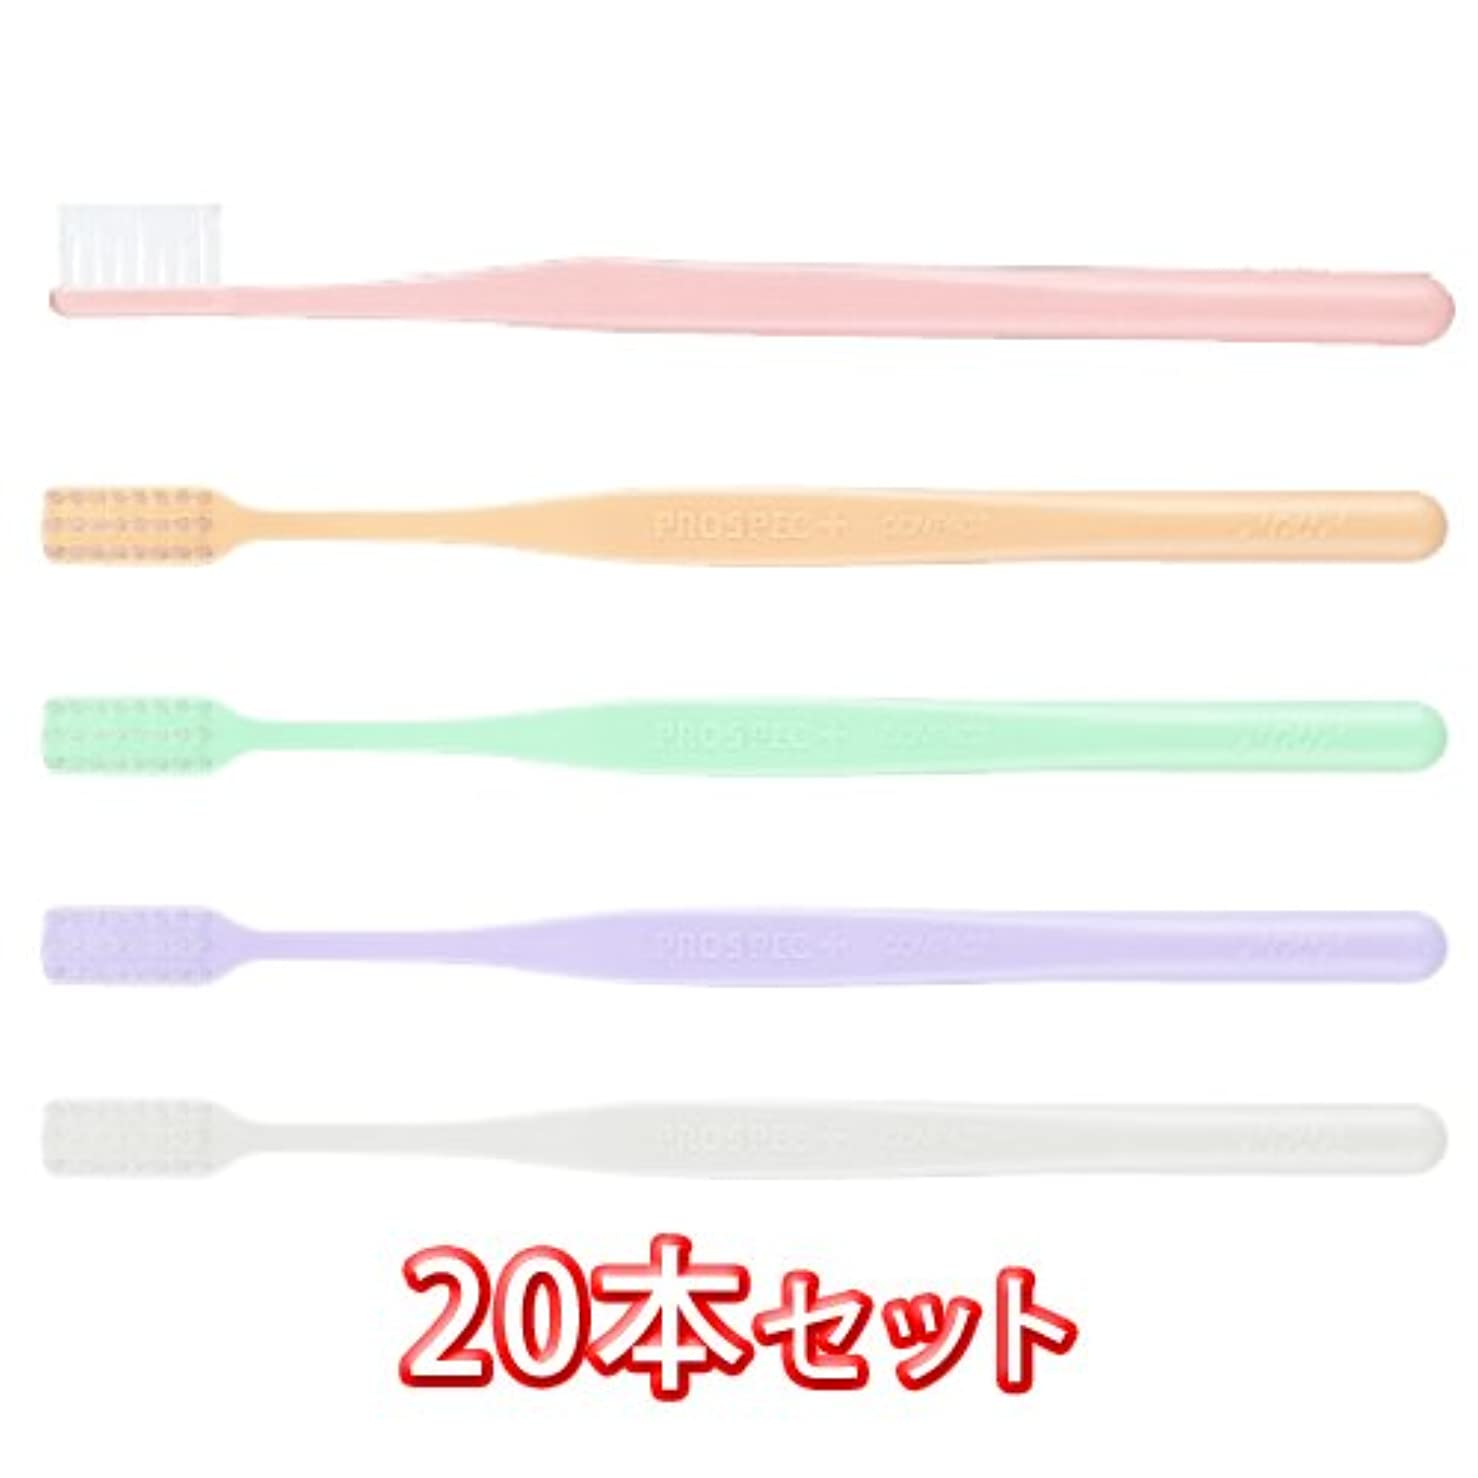 安心させるおじいちゃん帰るプロスペック 歯ブラシ プラス コンパクト 20本入 (M(ふつう))